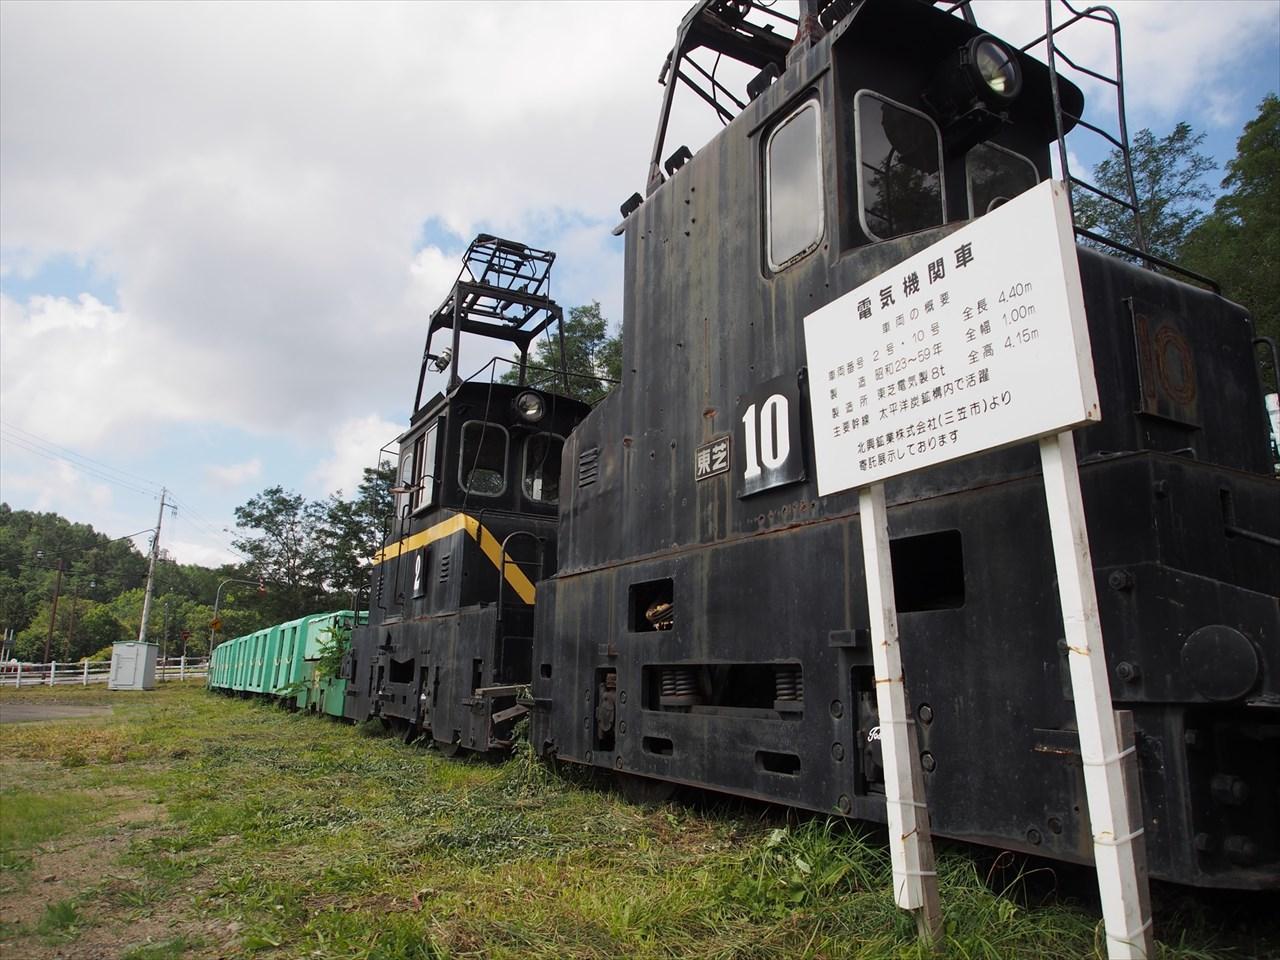 三笠鉄道村の駐車場に置かれた車両その2